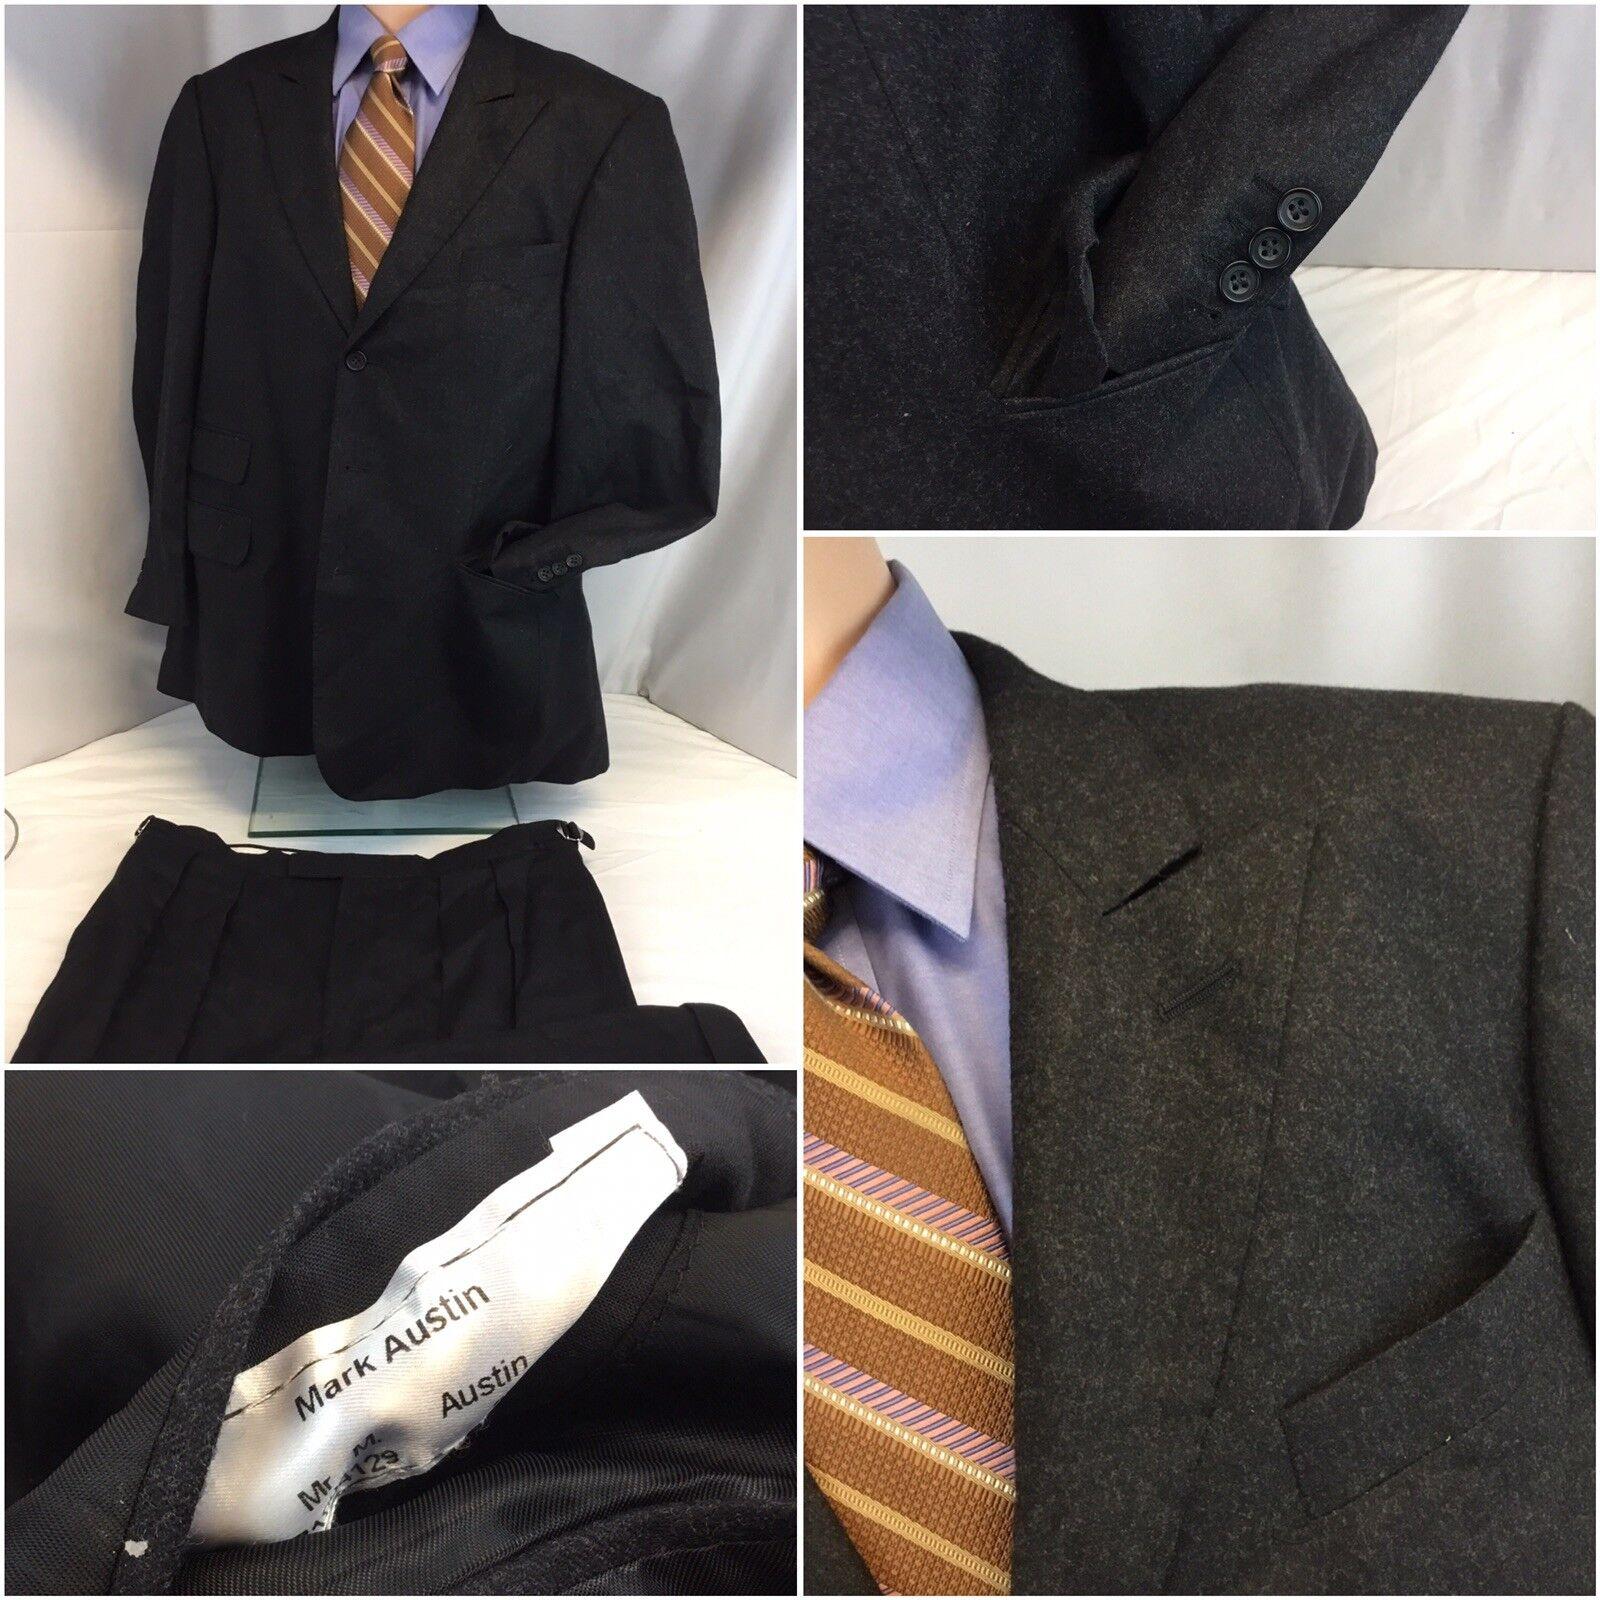 Mark Austin Bespoke Suit 44R grau 3b 2v Func Cuffs 36x30 44 R Mint YGI J8-462